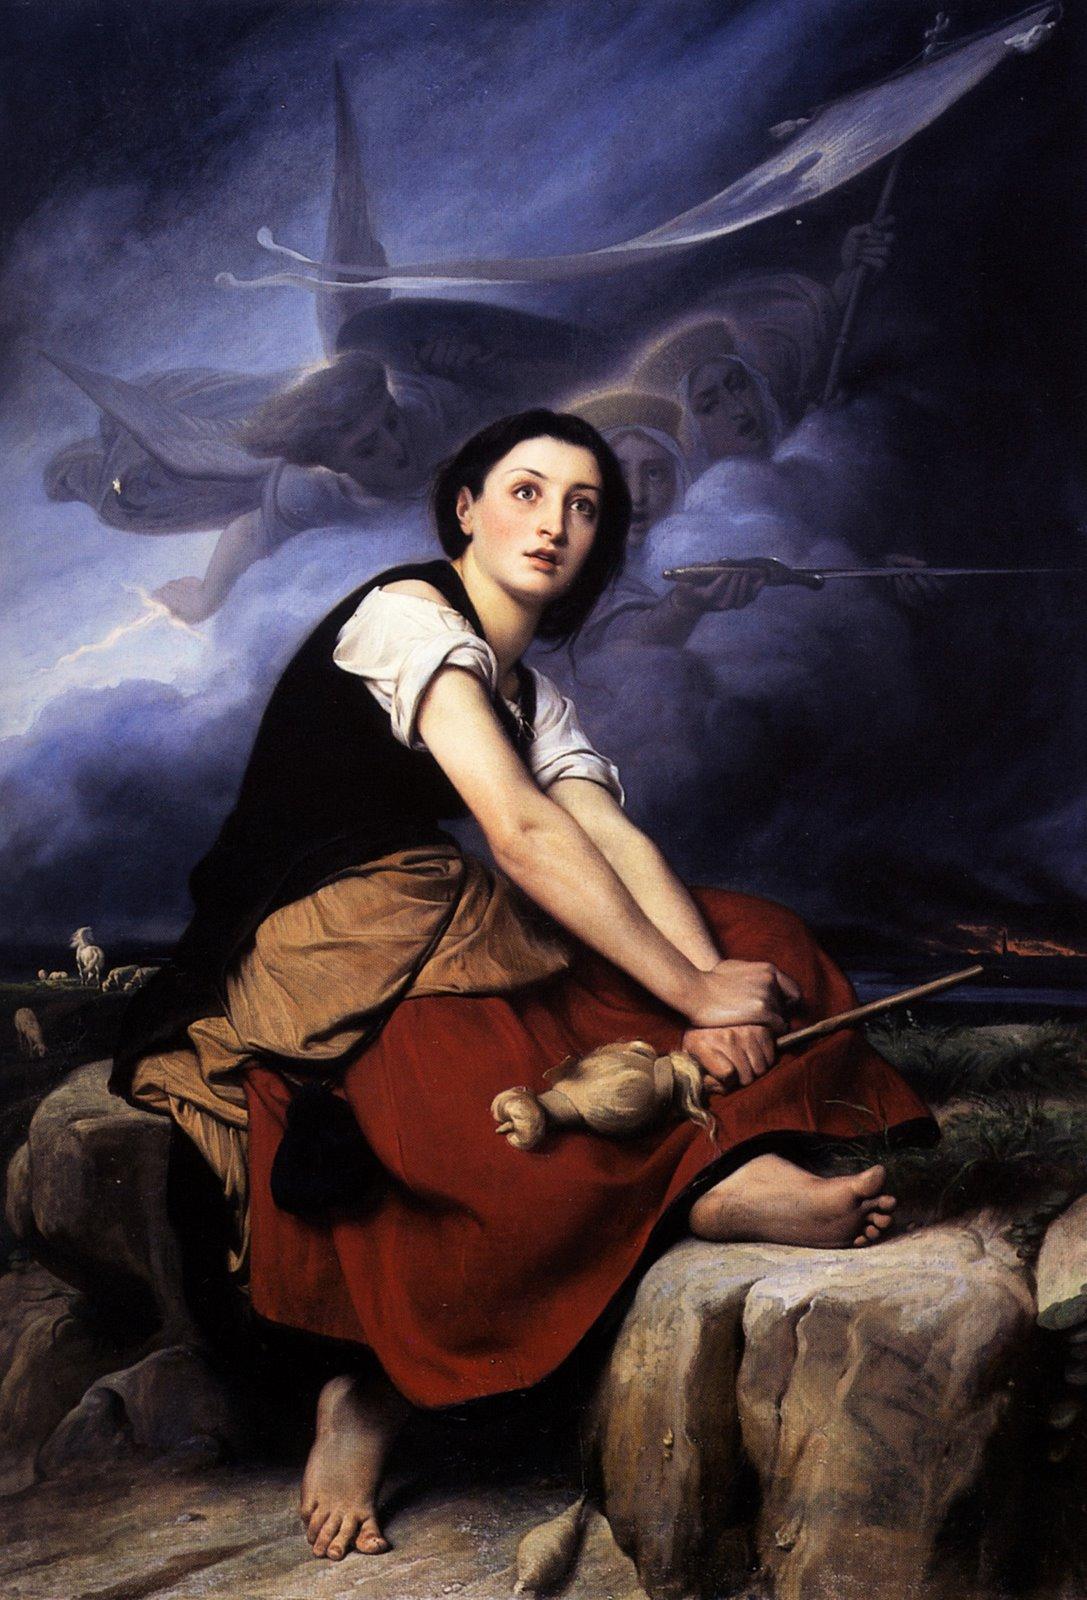 JOANA D'ARC - a santa bruxa guerreira - FLORES DE UM DESERTO